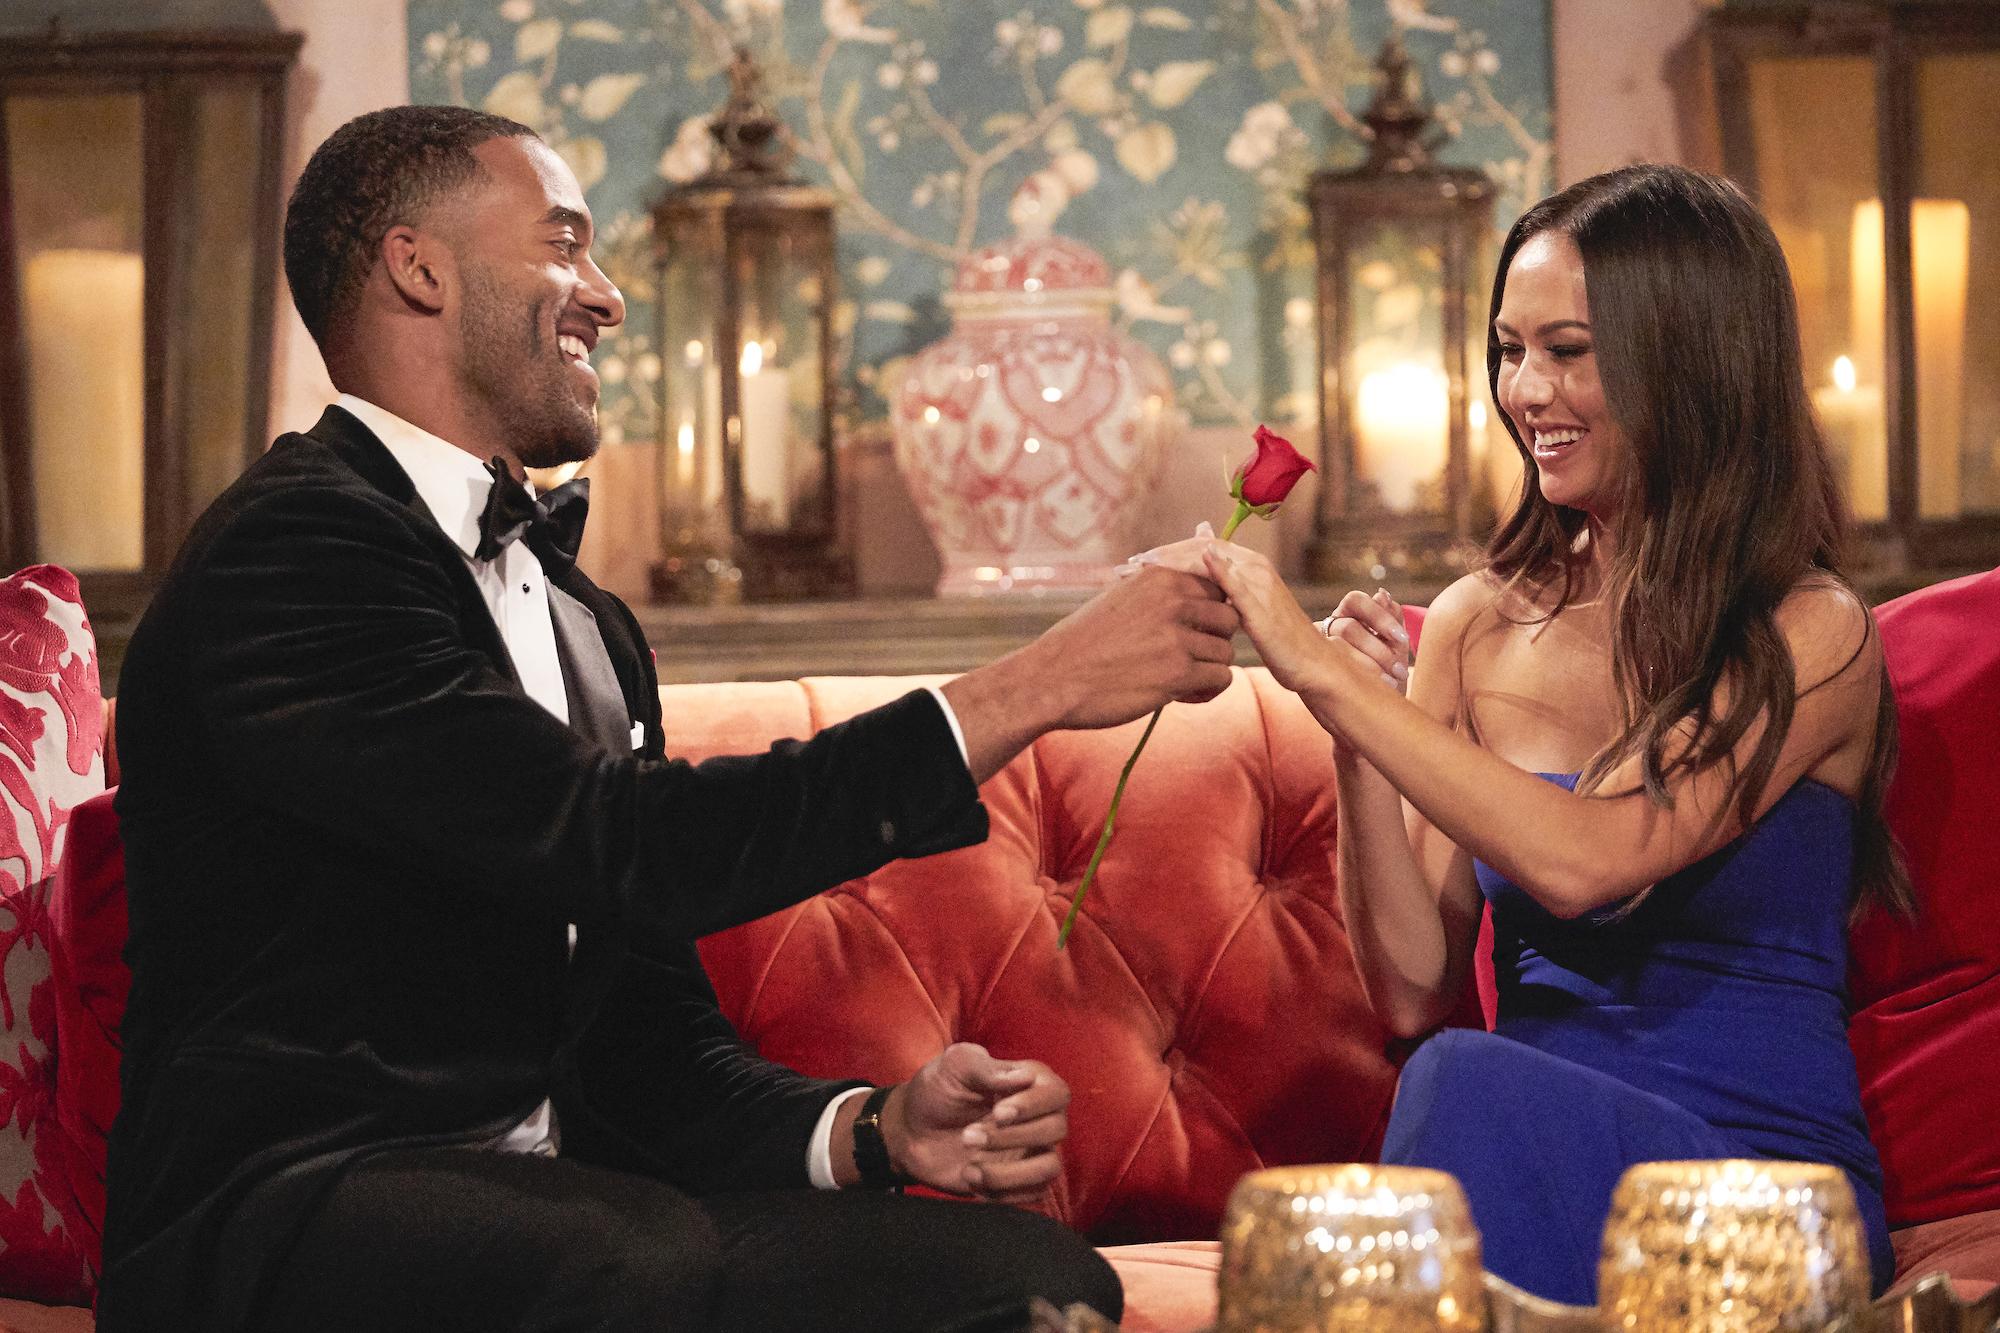 Matt James and Abigail Heringer on the first program of 'The Bachelor'